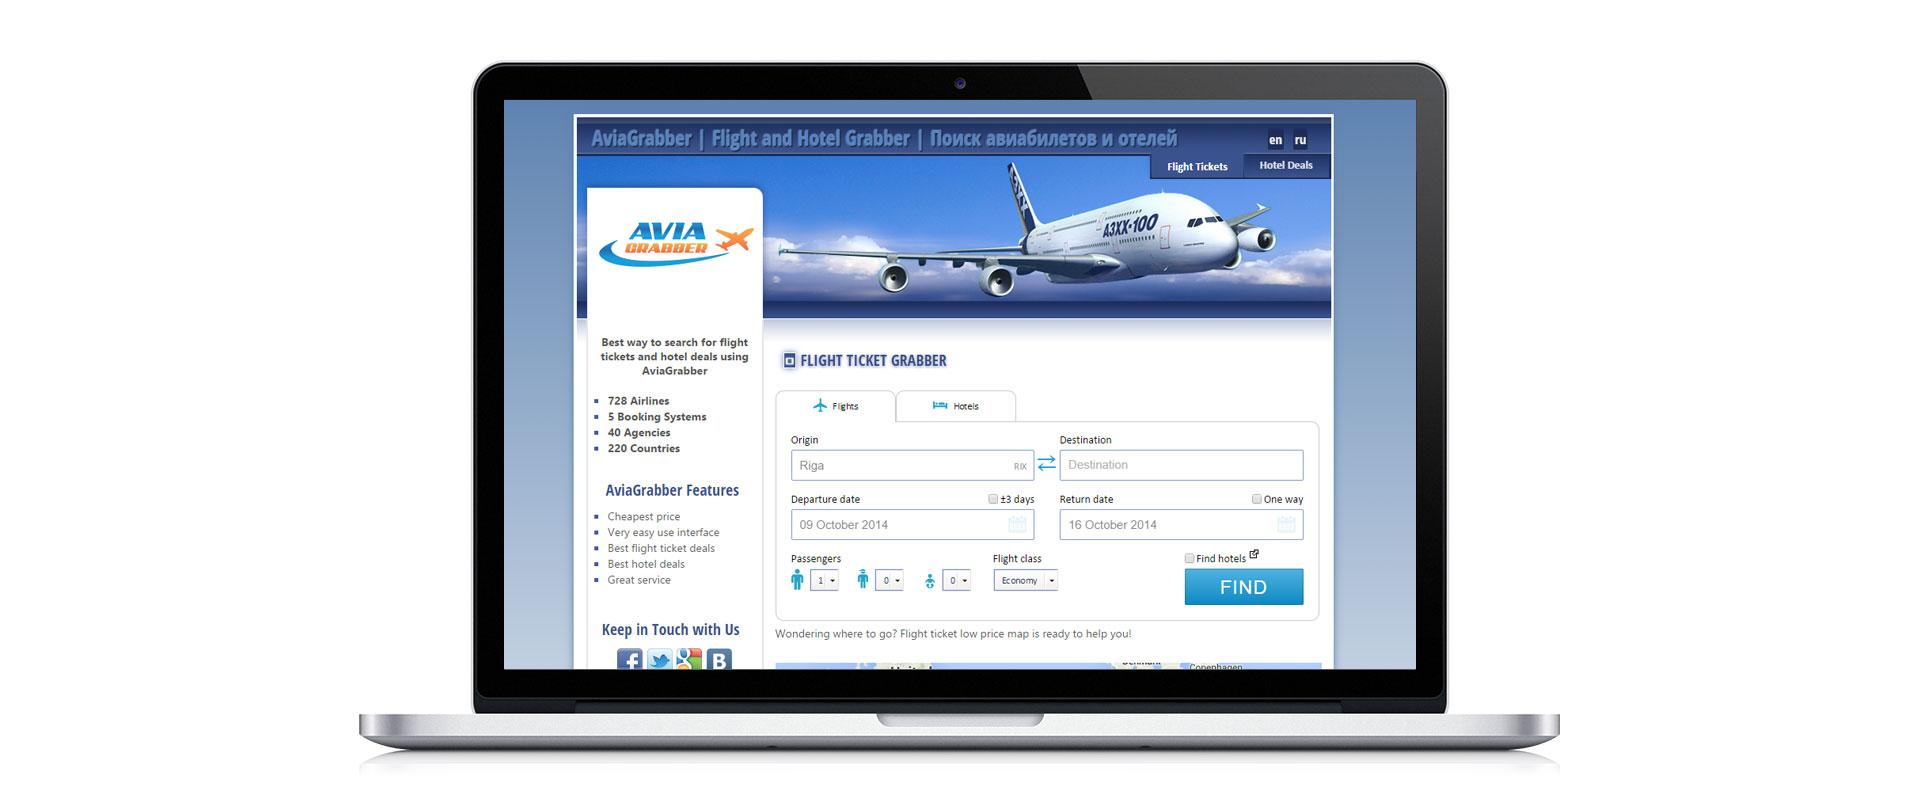 avia-website-2